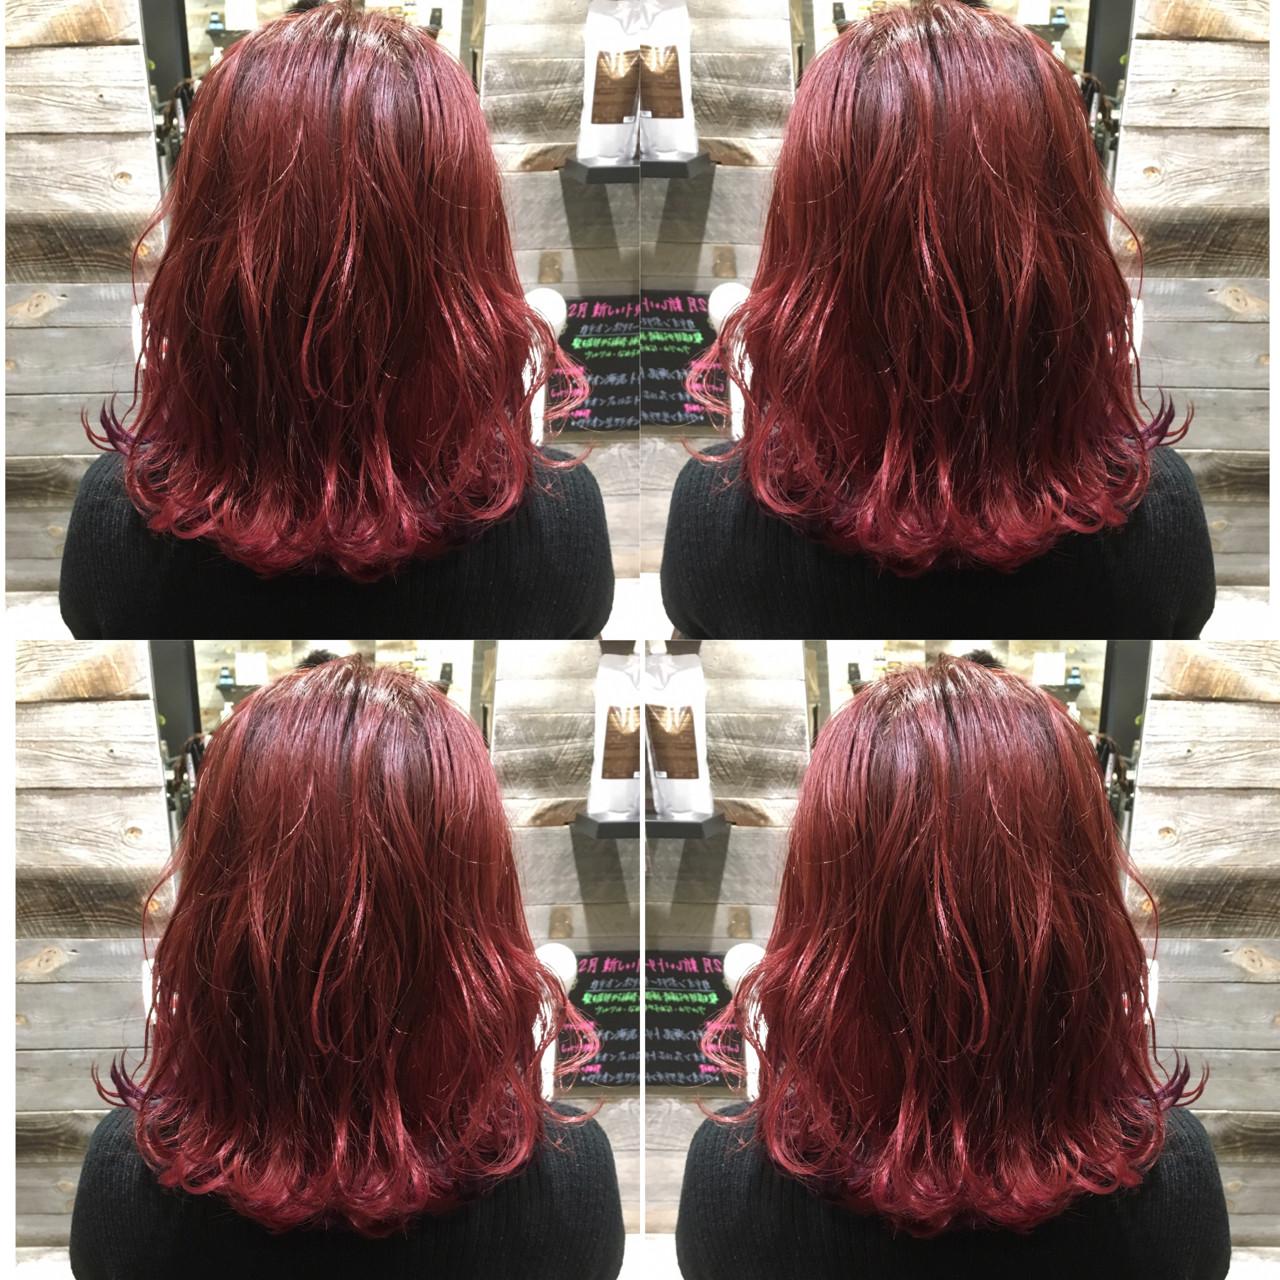 斜め前髪 ナチュラル ボブ 色気 ヘアスタイルや髪型の写真・画像